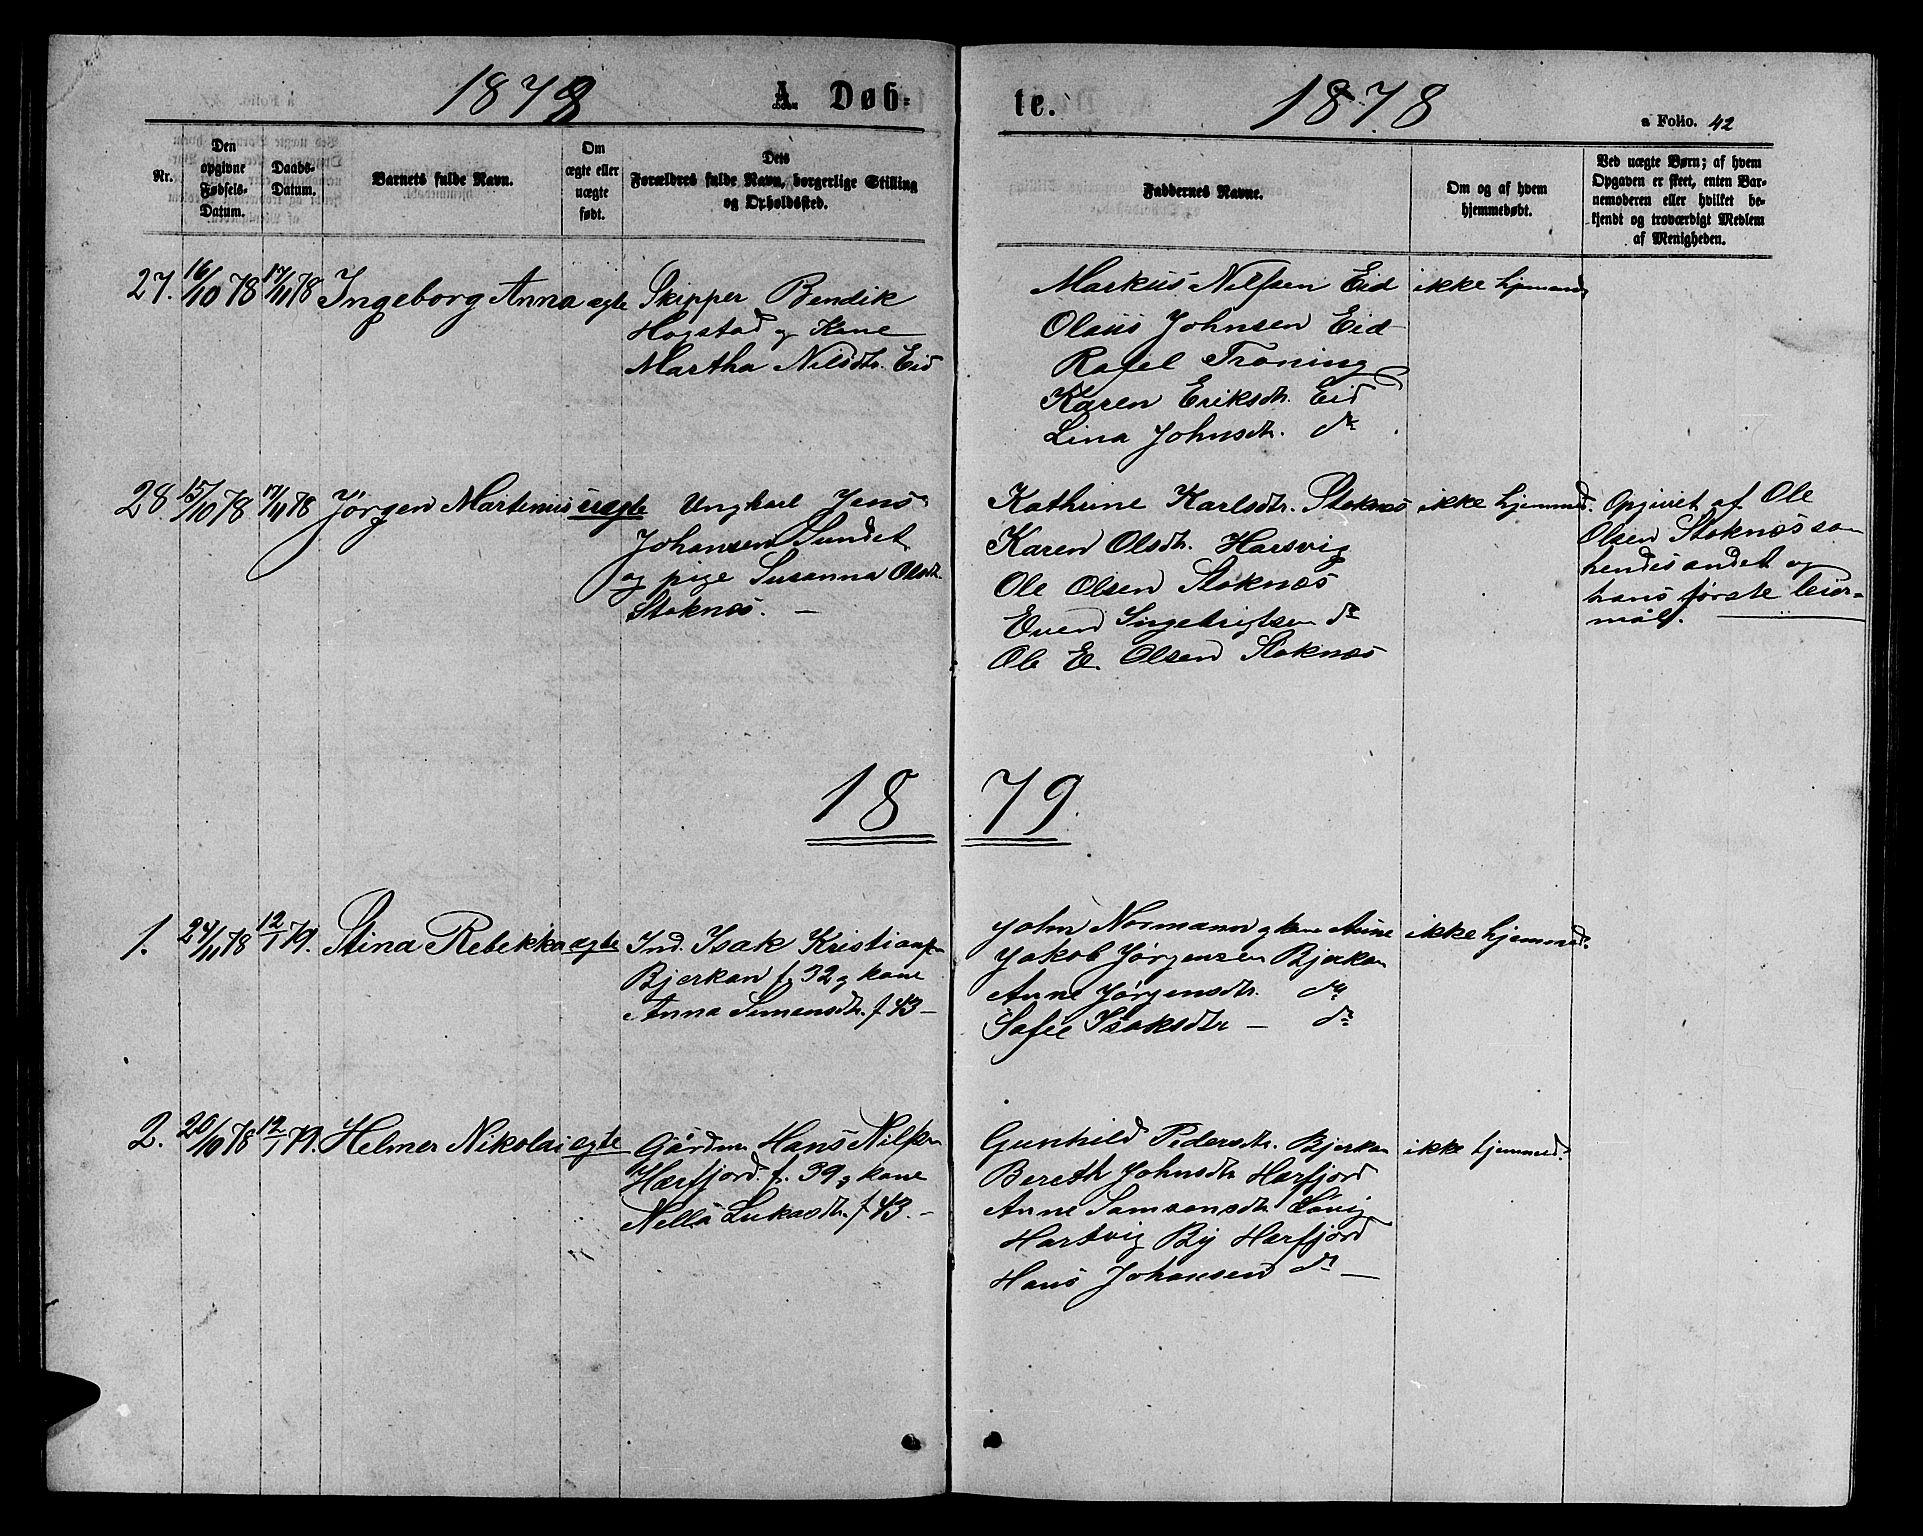 SAT, Ministerialprotokoller, klokkerbøker og fødselsregistre - Sør-Trøndelag, 656/L0695: Klokkerbok nr. 656C01, 1867-1889, s. 42